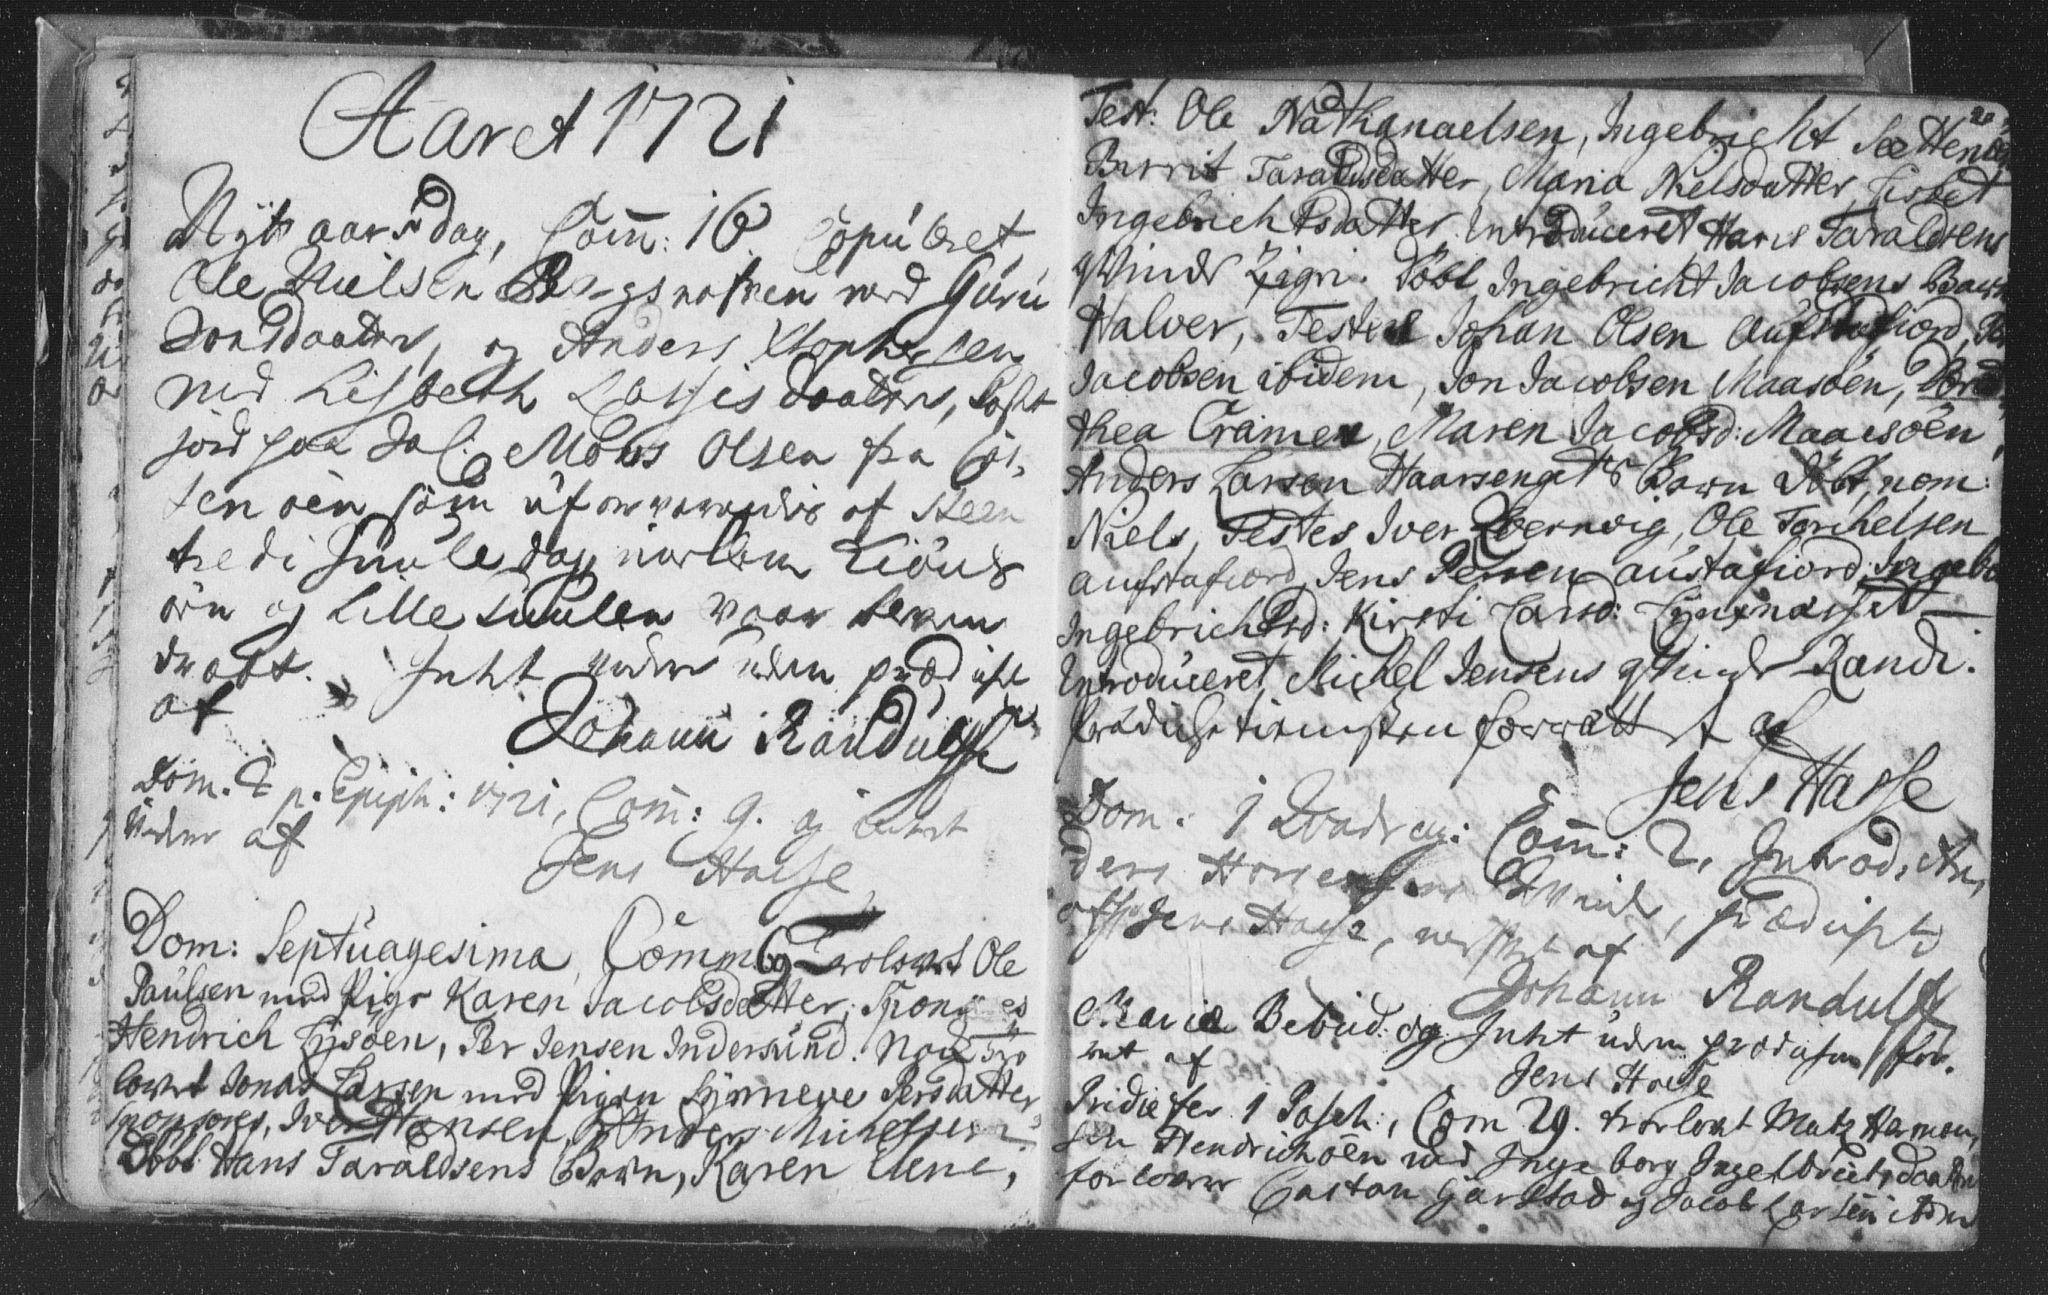 SAT, Ministerialprotokoller, klokkerbøker og fødselsregistre - Nord-Trøndelag, 786/L0685: Ministerialbok nr. 786A01, 1710-1798, s. 20